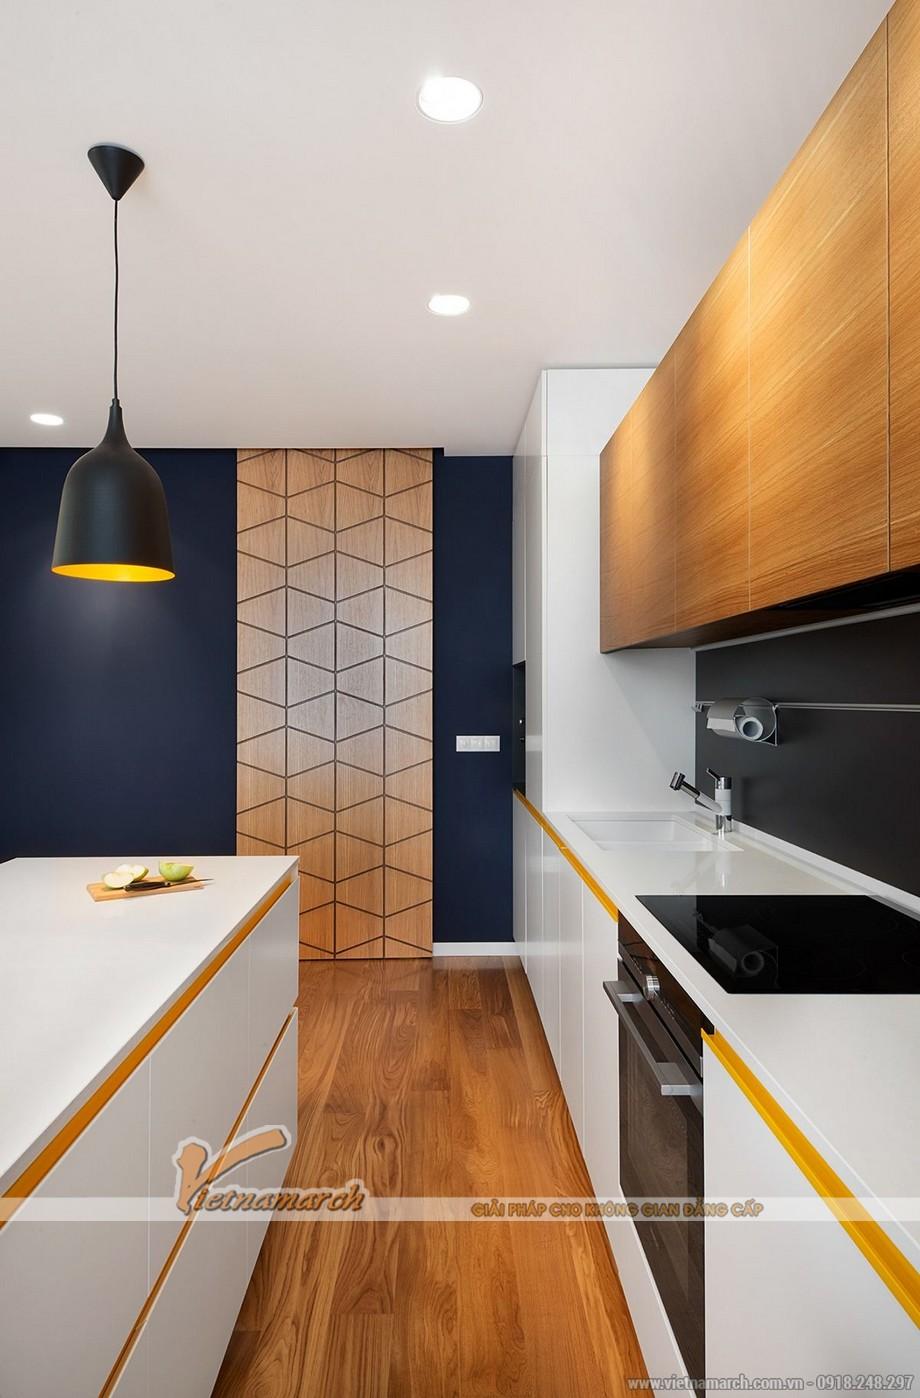 Thiết kế mẫu trần thạch cao siêu ấn tượng cho căn hộ Times City nhà chị Hương - Hà Nội - 07